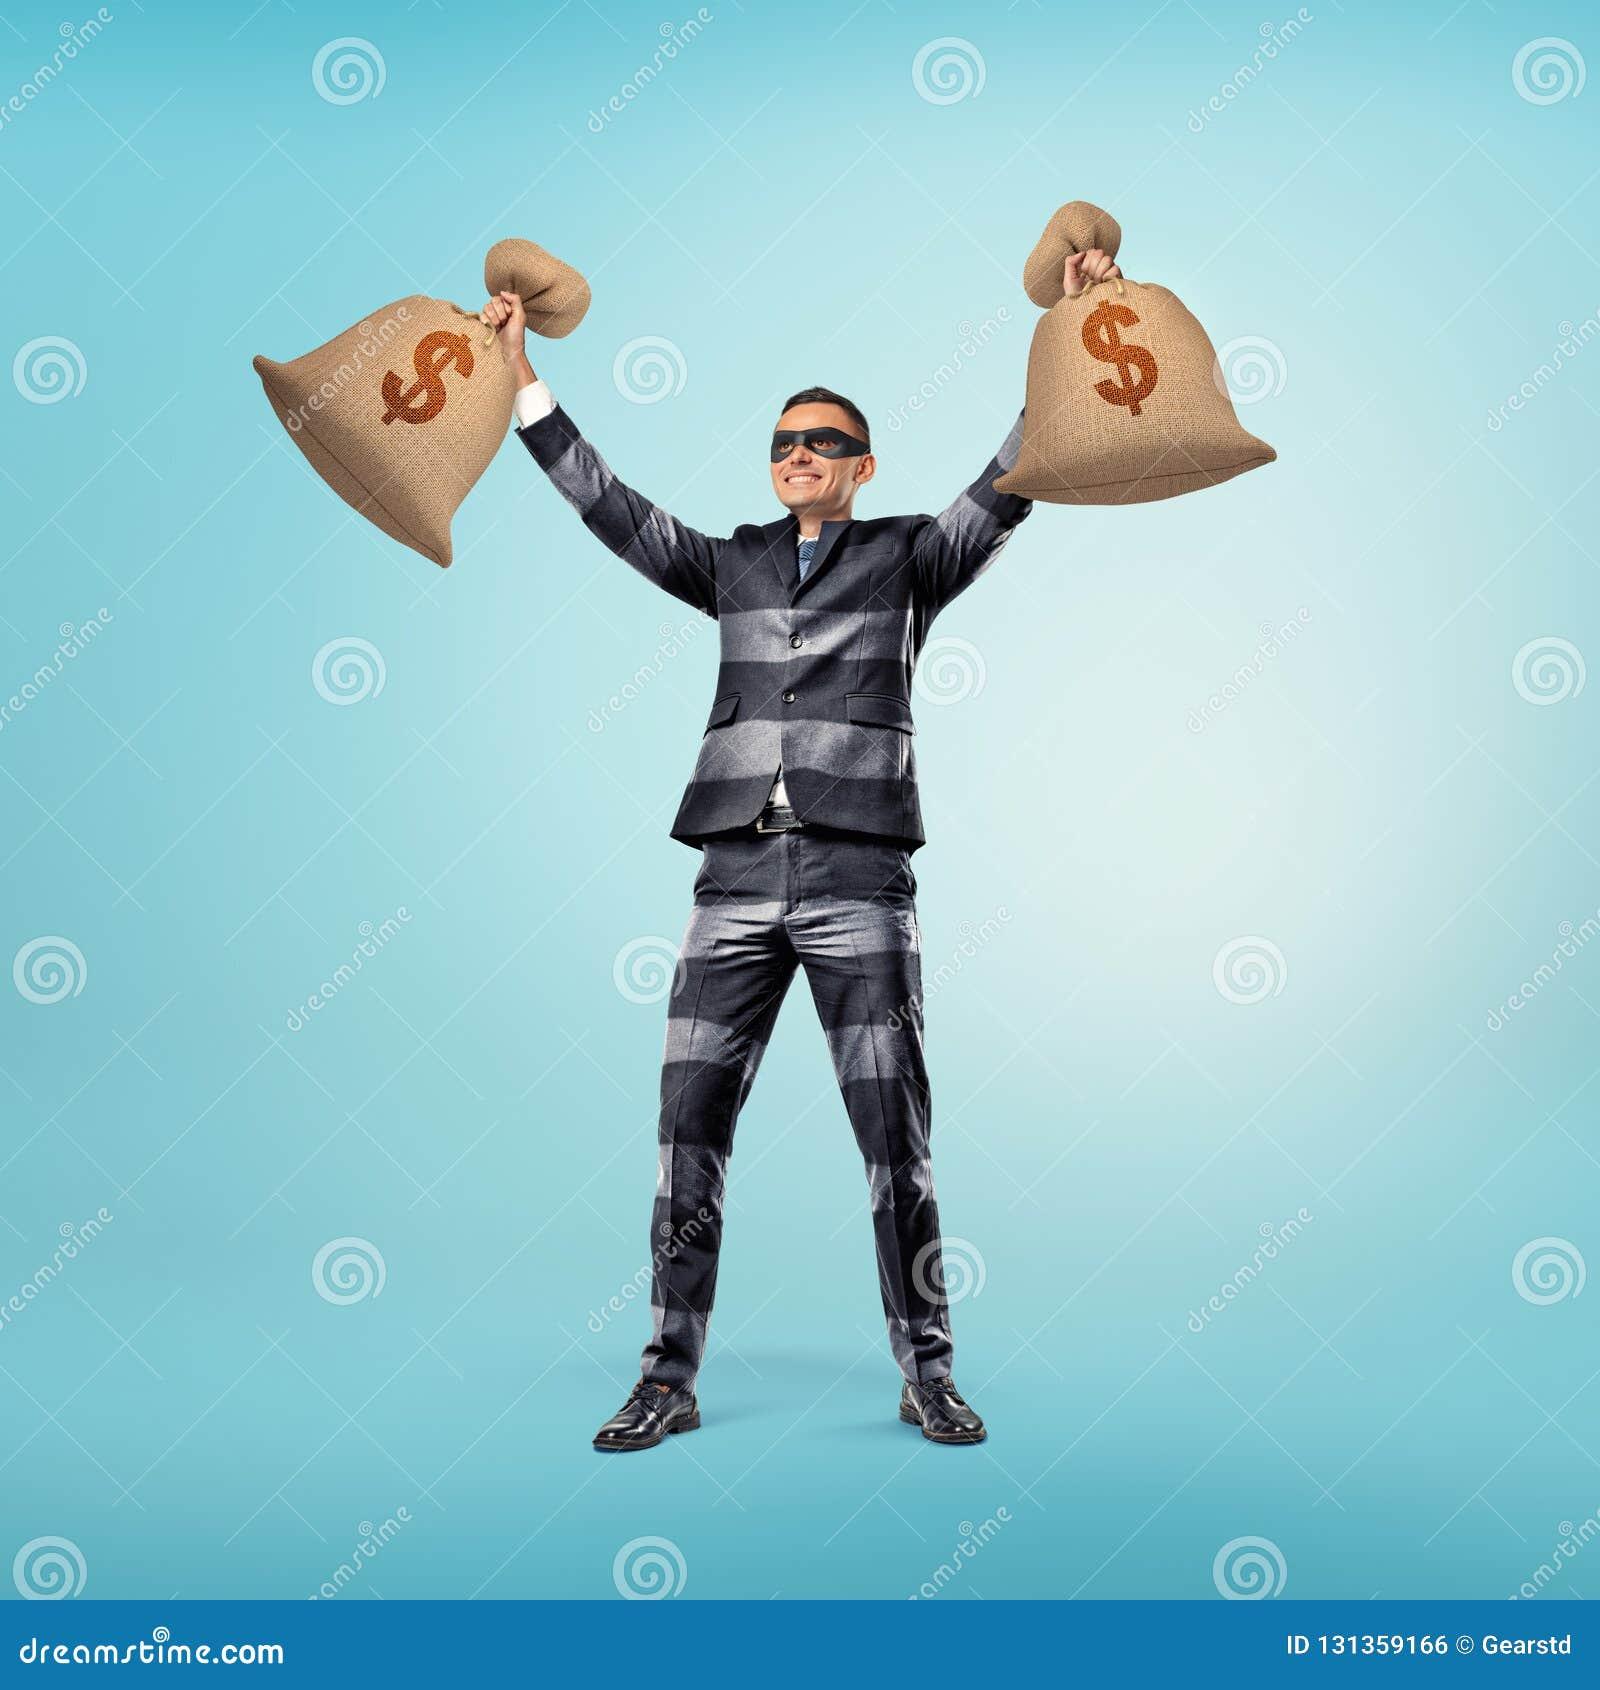 穿着类似夜贼的成套装备和黑眼圈眼罩有条纹的商人的经典衣服站立与他的